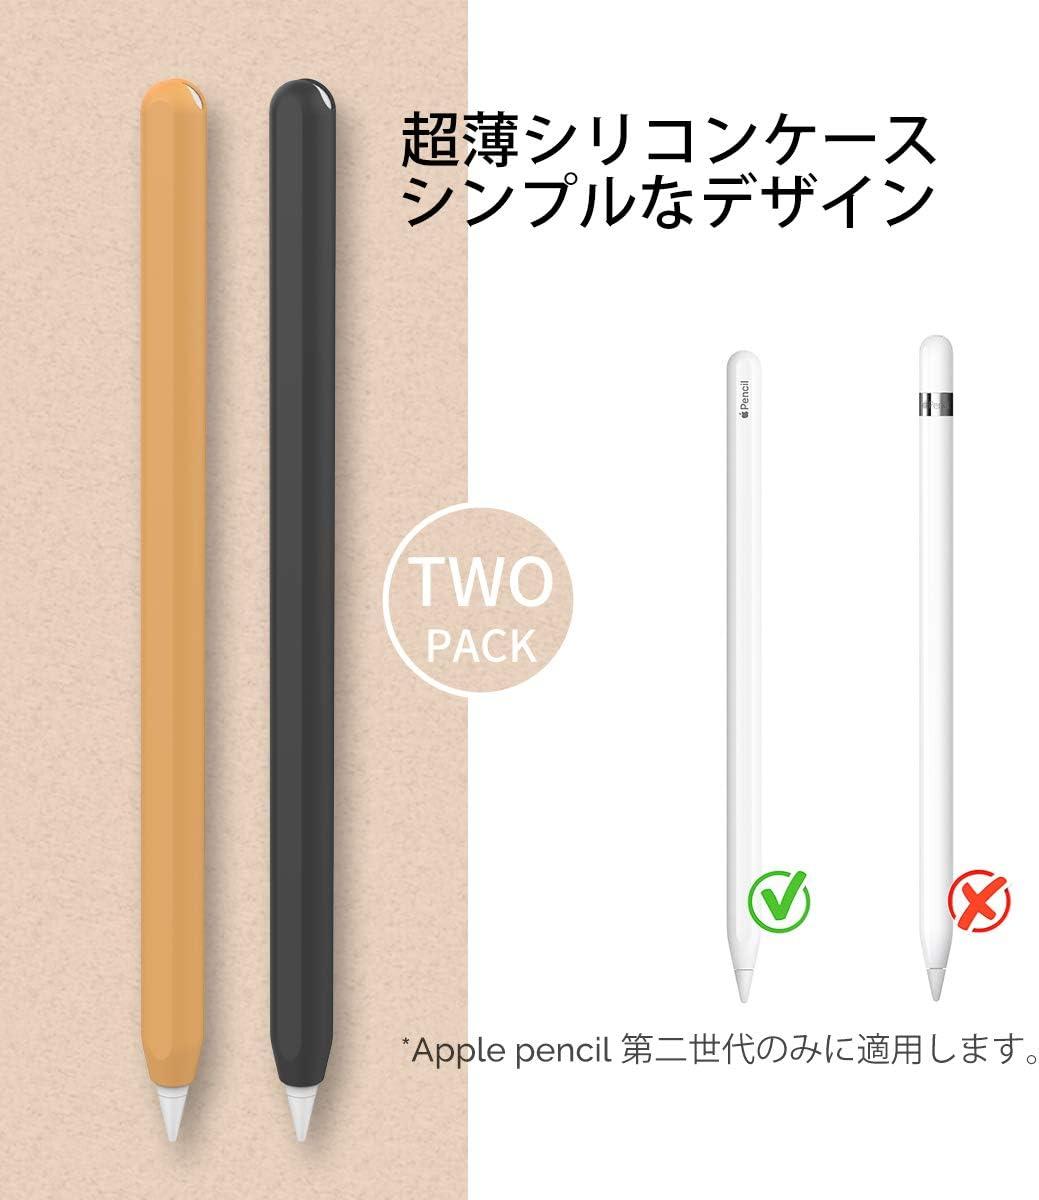 Pencil 第 世代 apple 二